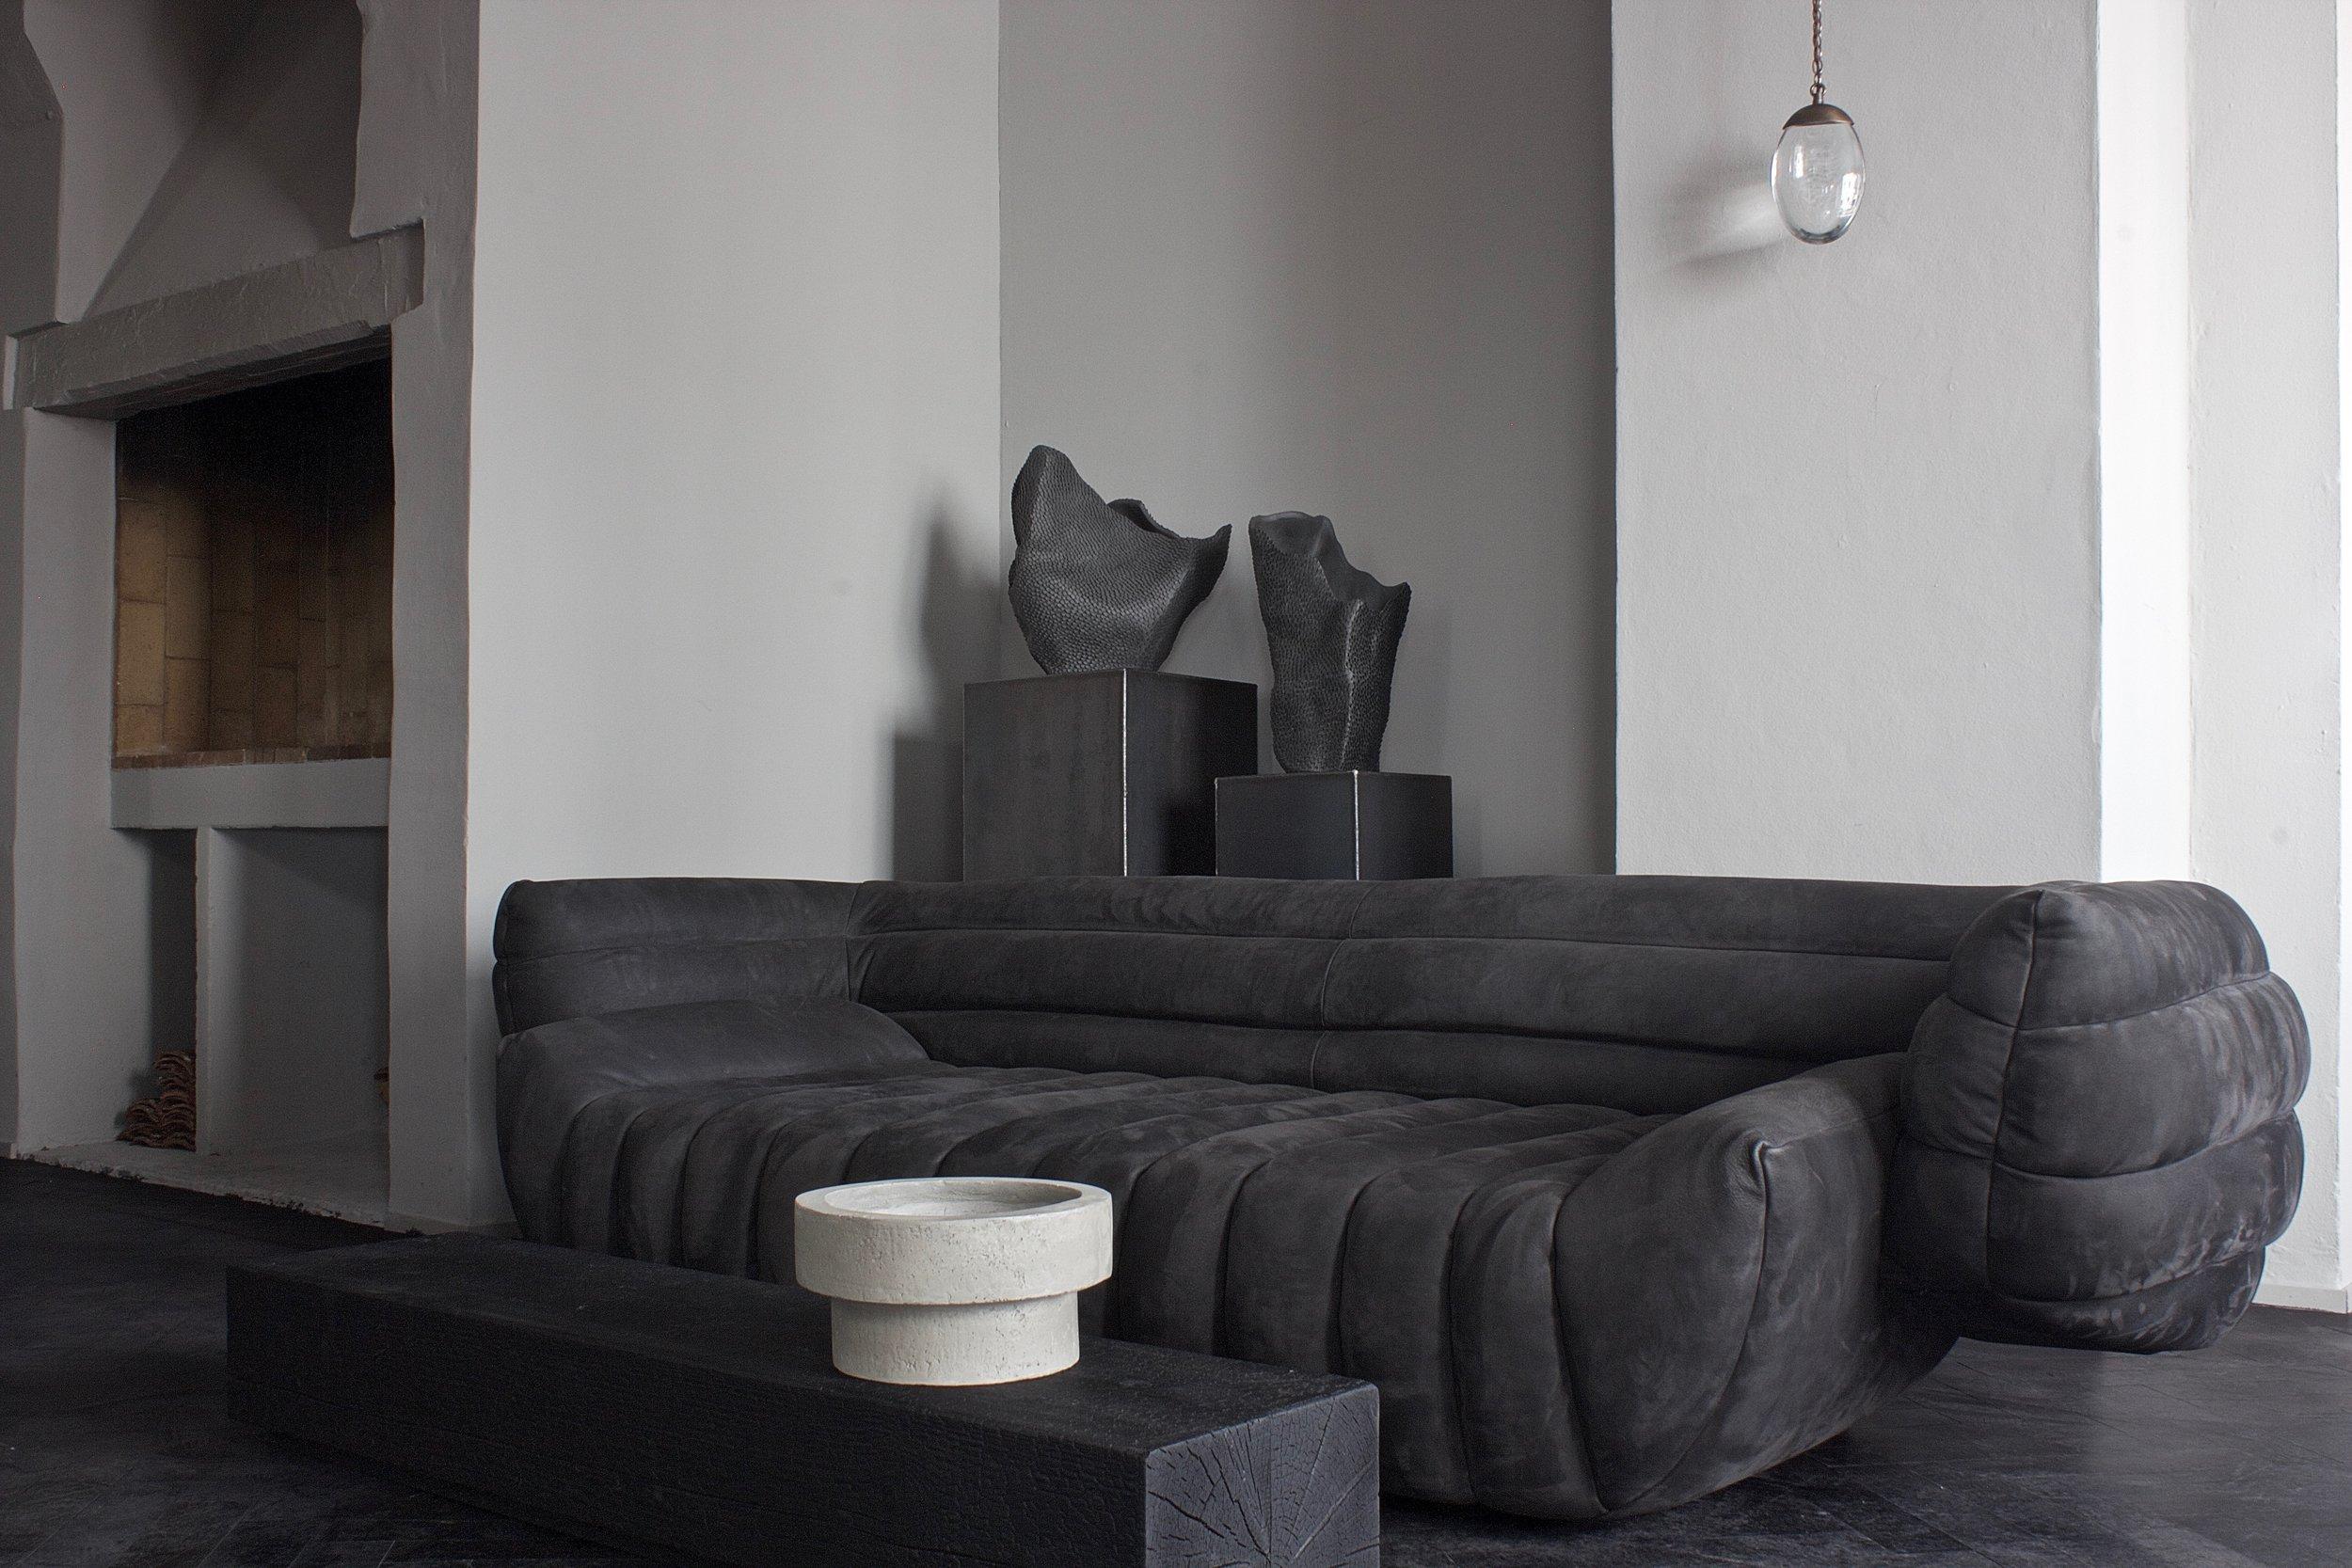 Tactile Sofa and Pangolin Vases